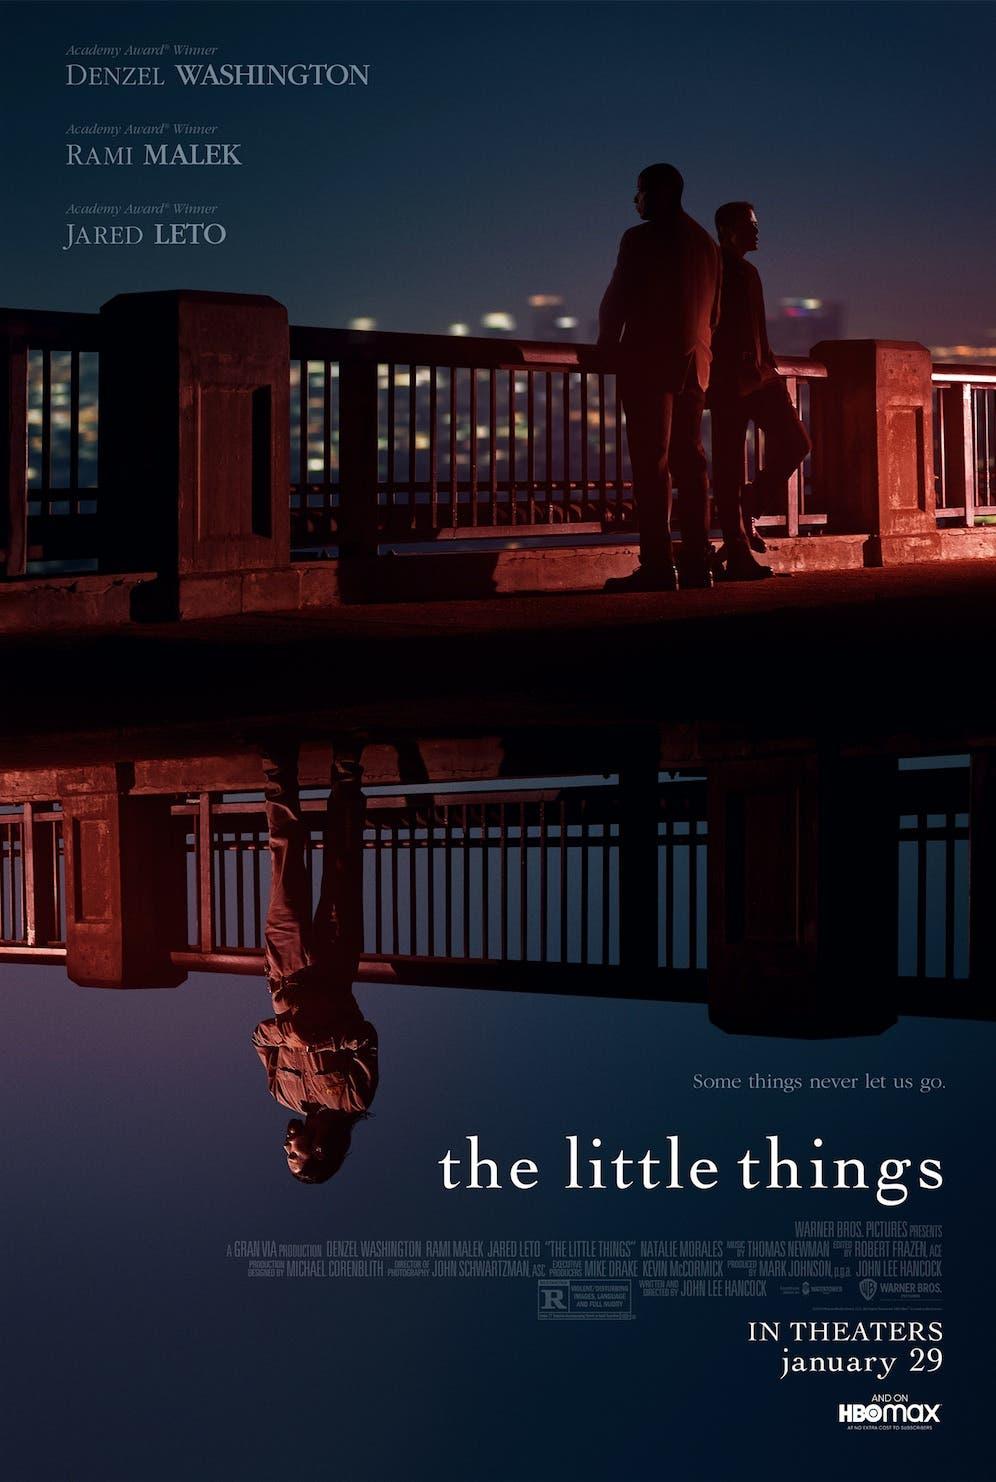 """ملصق آخر لفيلم """"ذي ليتل ثينغز"""""""